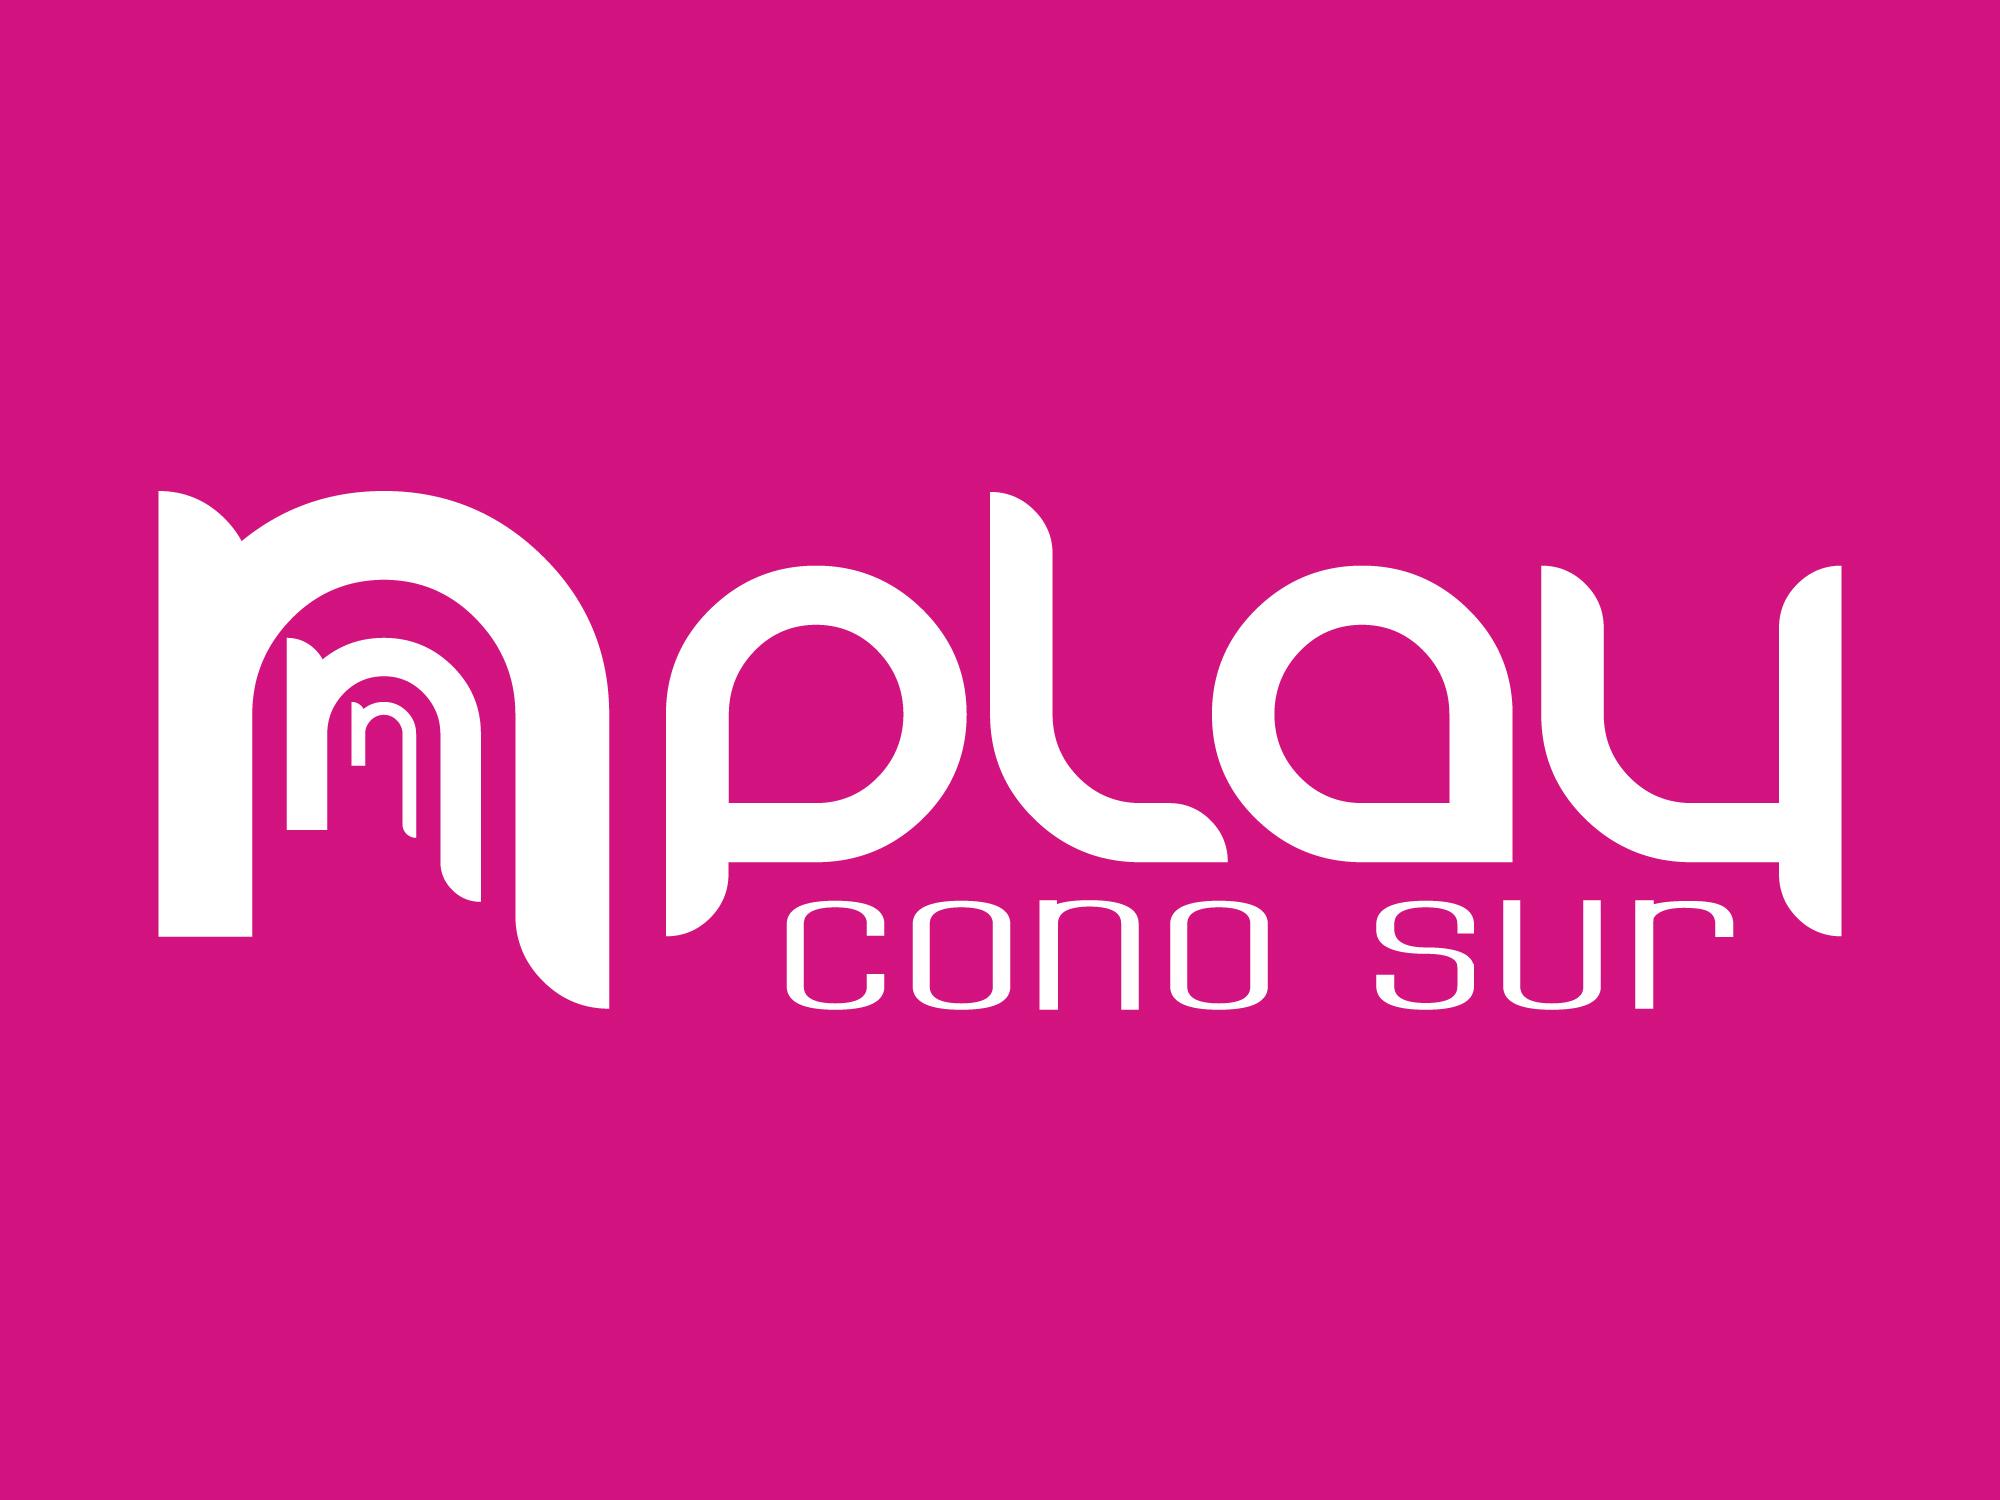 nplay.convergencia.com